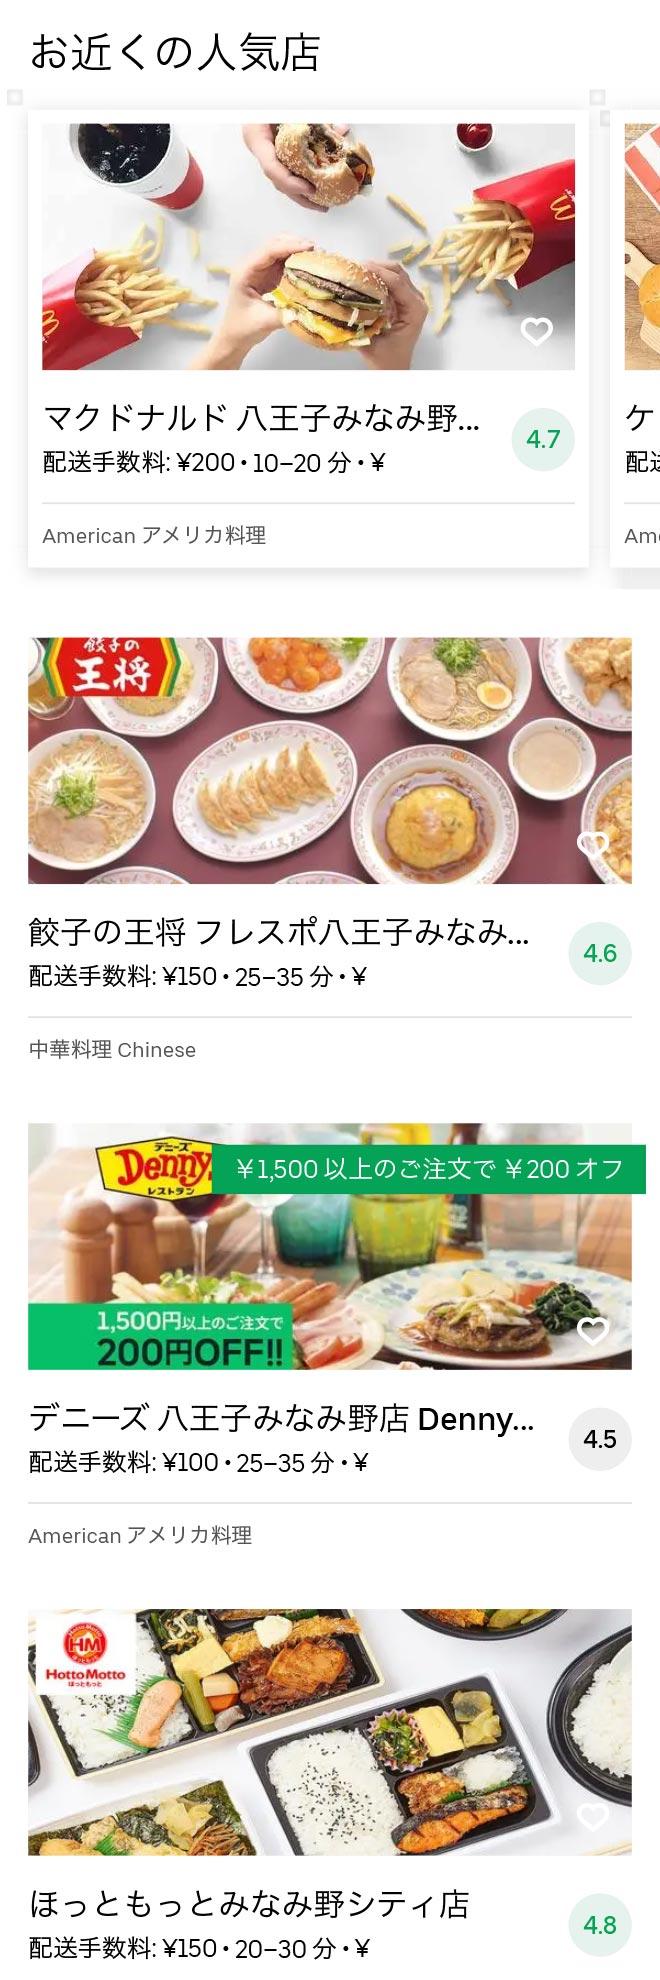 Hatioji minamino menu 2010 01